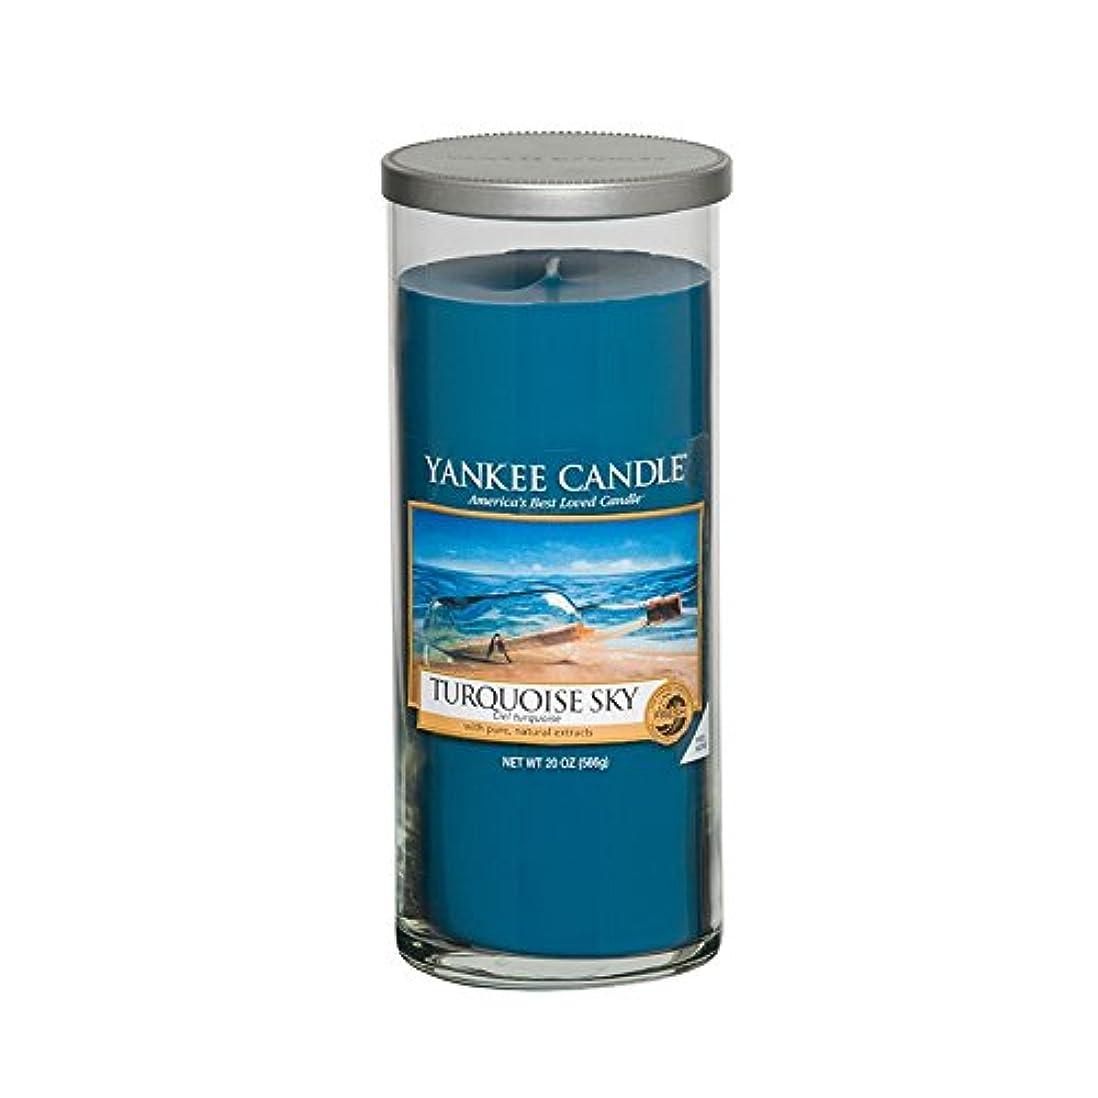 見捨てられたおとなしい注ぎますYankee Candles Large Pillar Candle - Turquoise Sky (Pack of 6) - ヤンキーキャンドル大きな柱キャンドル - ターコイズの空 (x6) [並行輸入品]